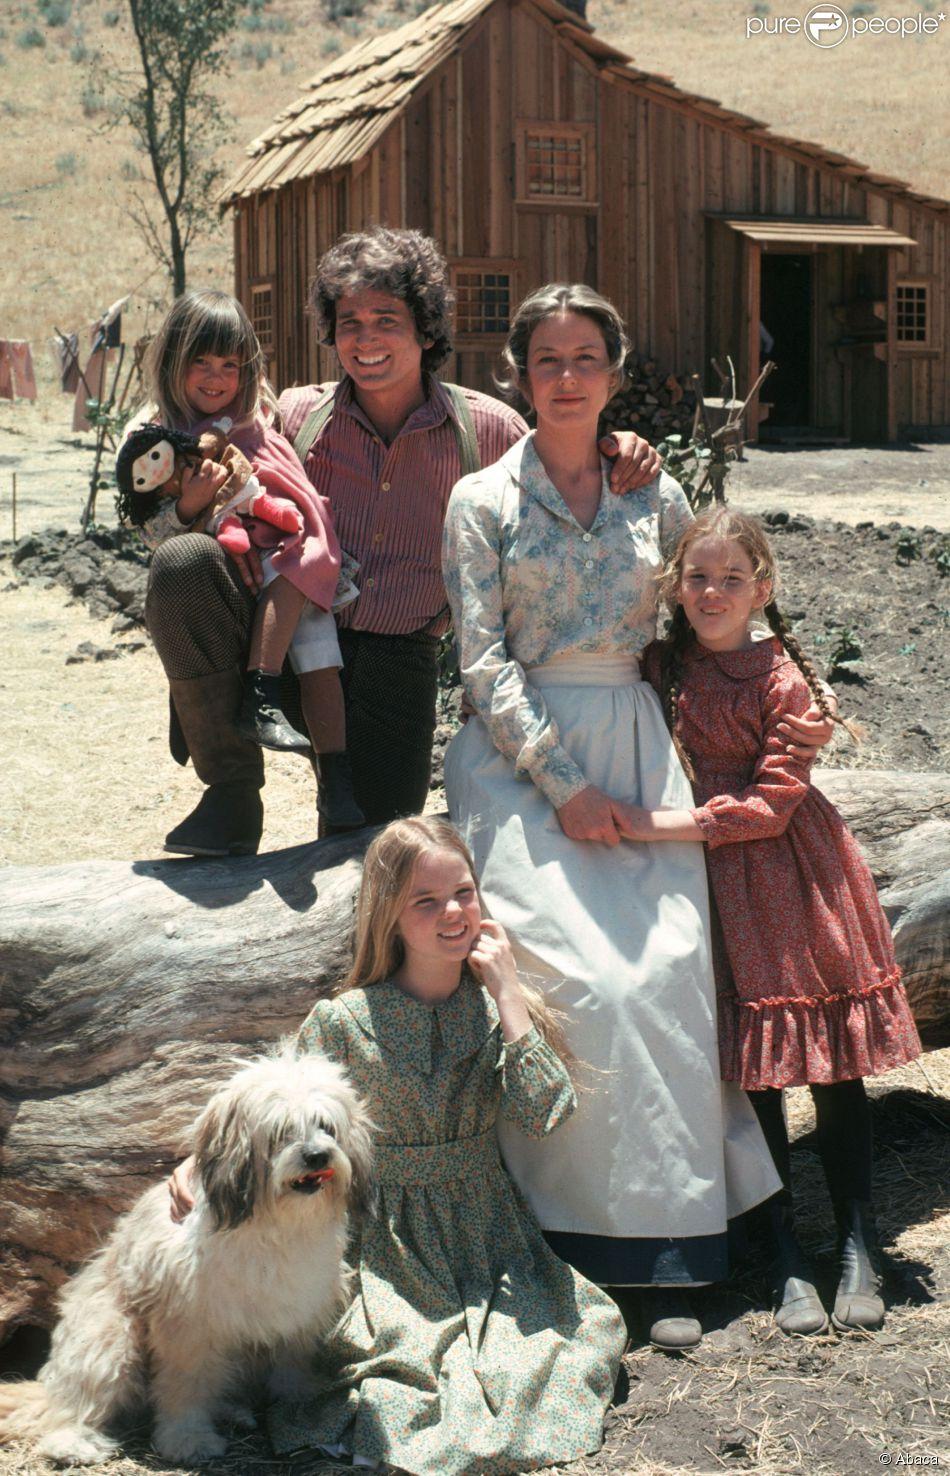 Lindsay greenbush carrie de 39 39 la petite maison dans la prairie 39 - Tournage la petite maison dans la prairie ...